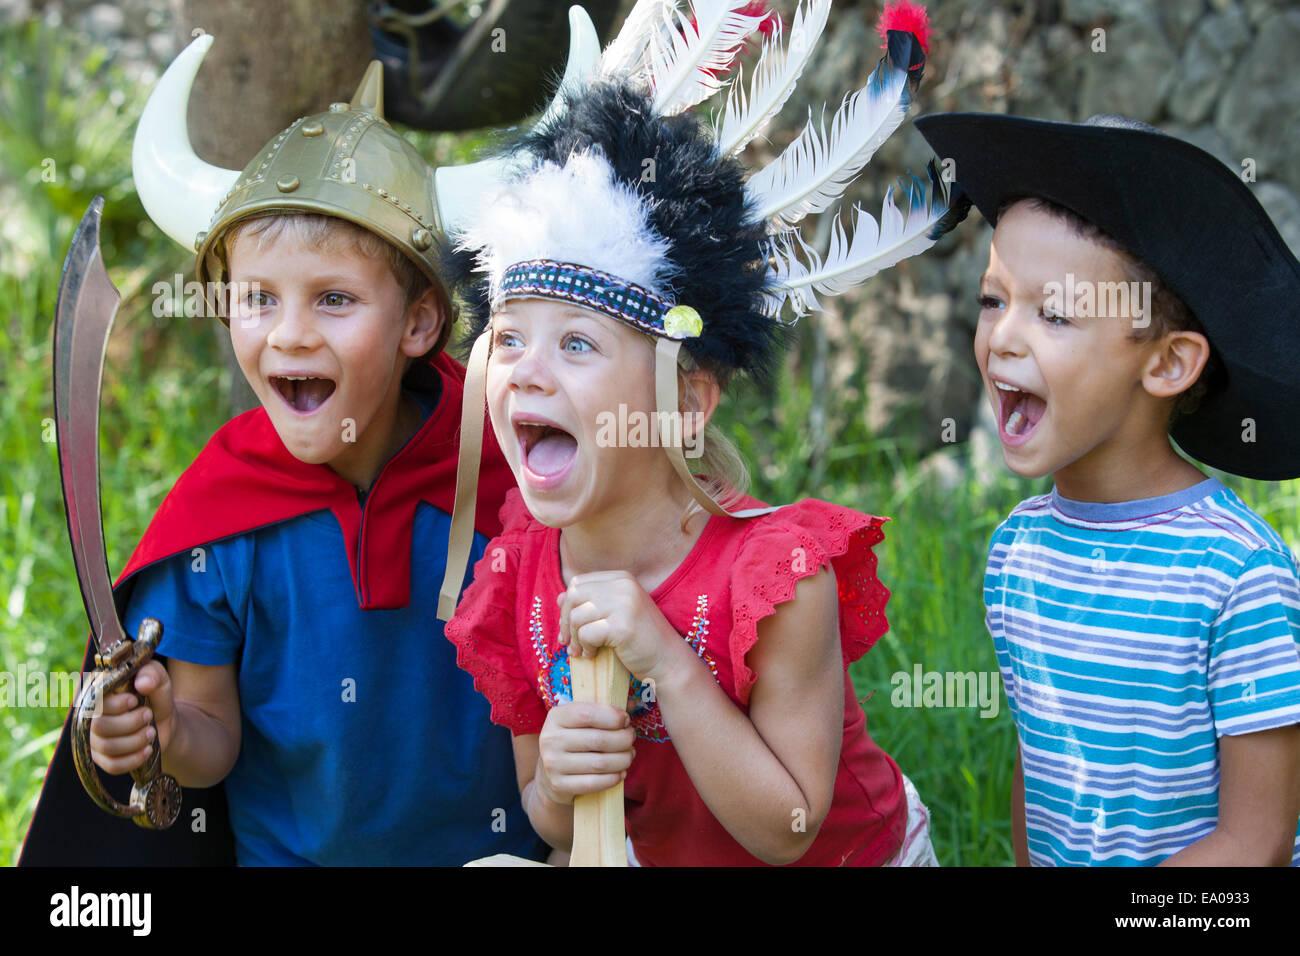 Tres niños vestidos vestidos de traje, jugando en el parque Imagen De Stock